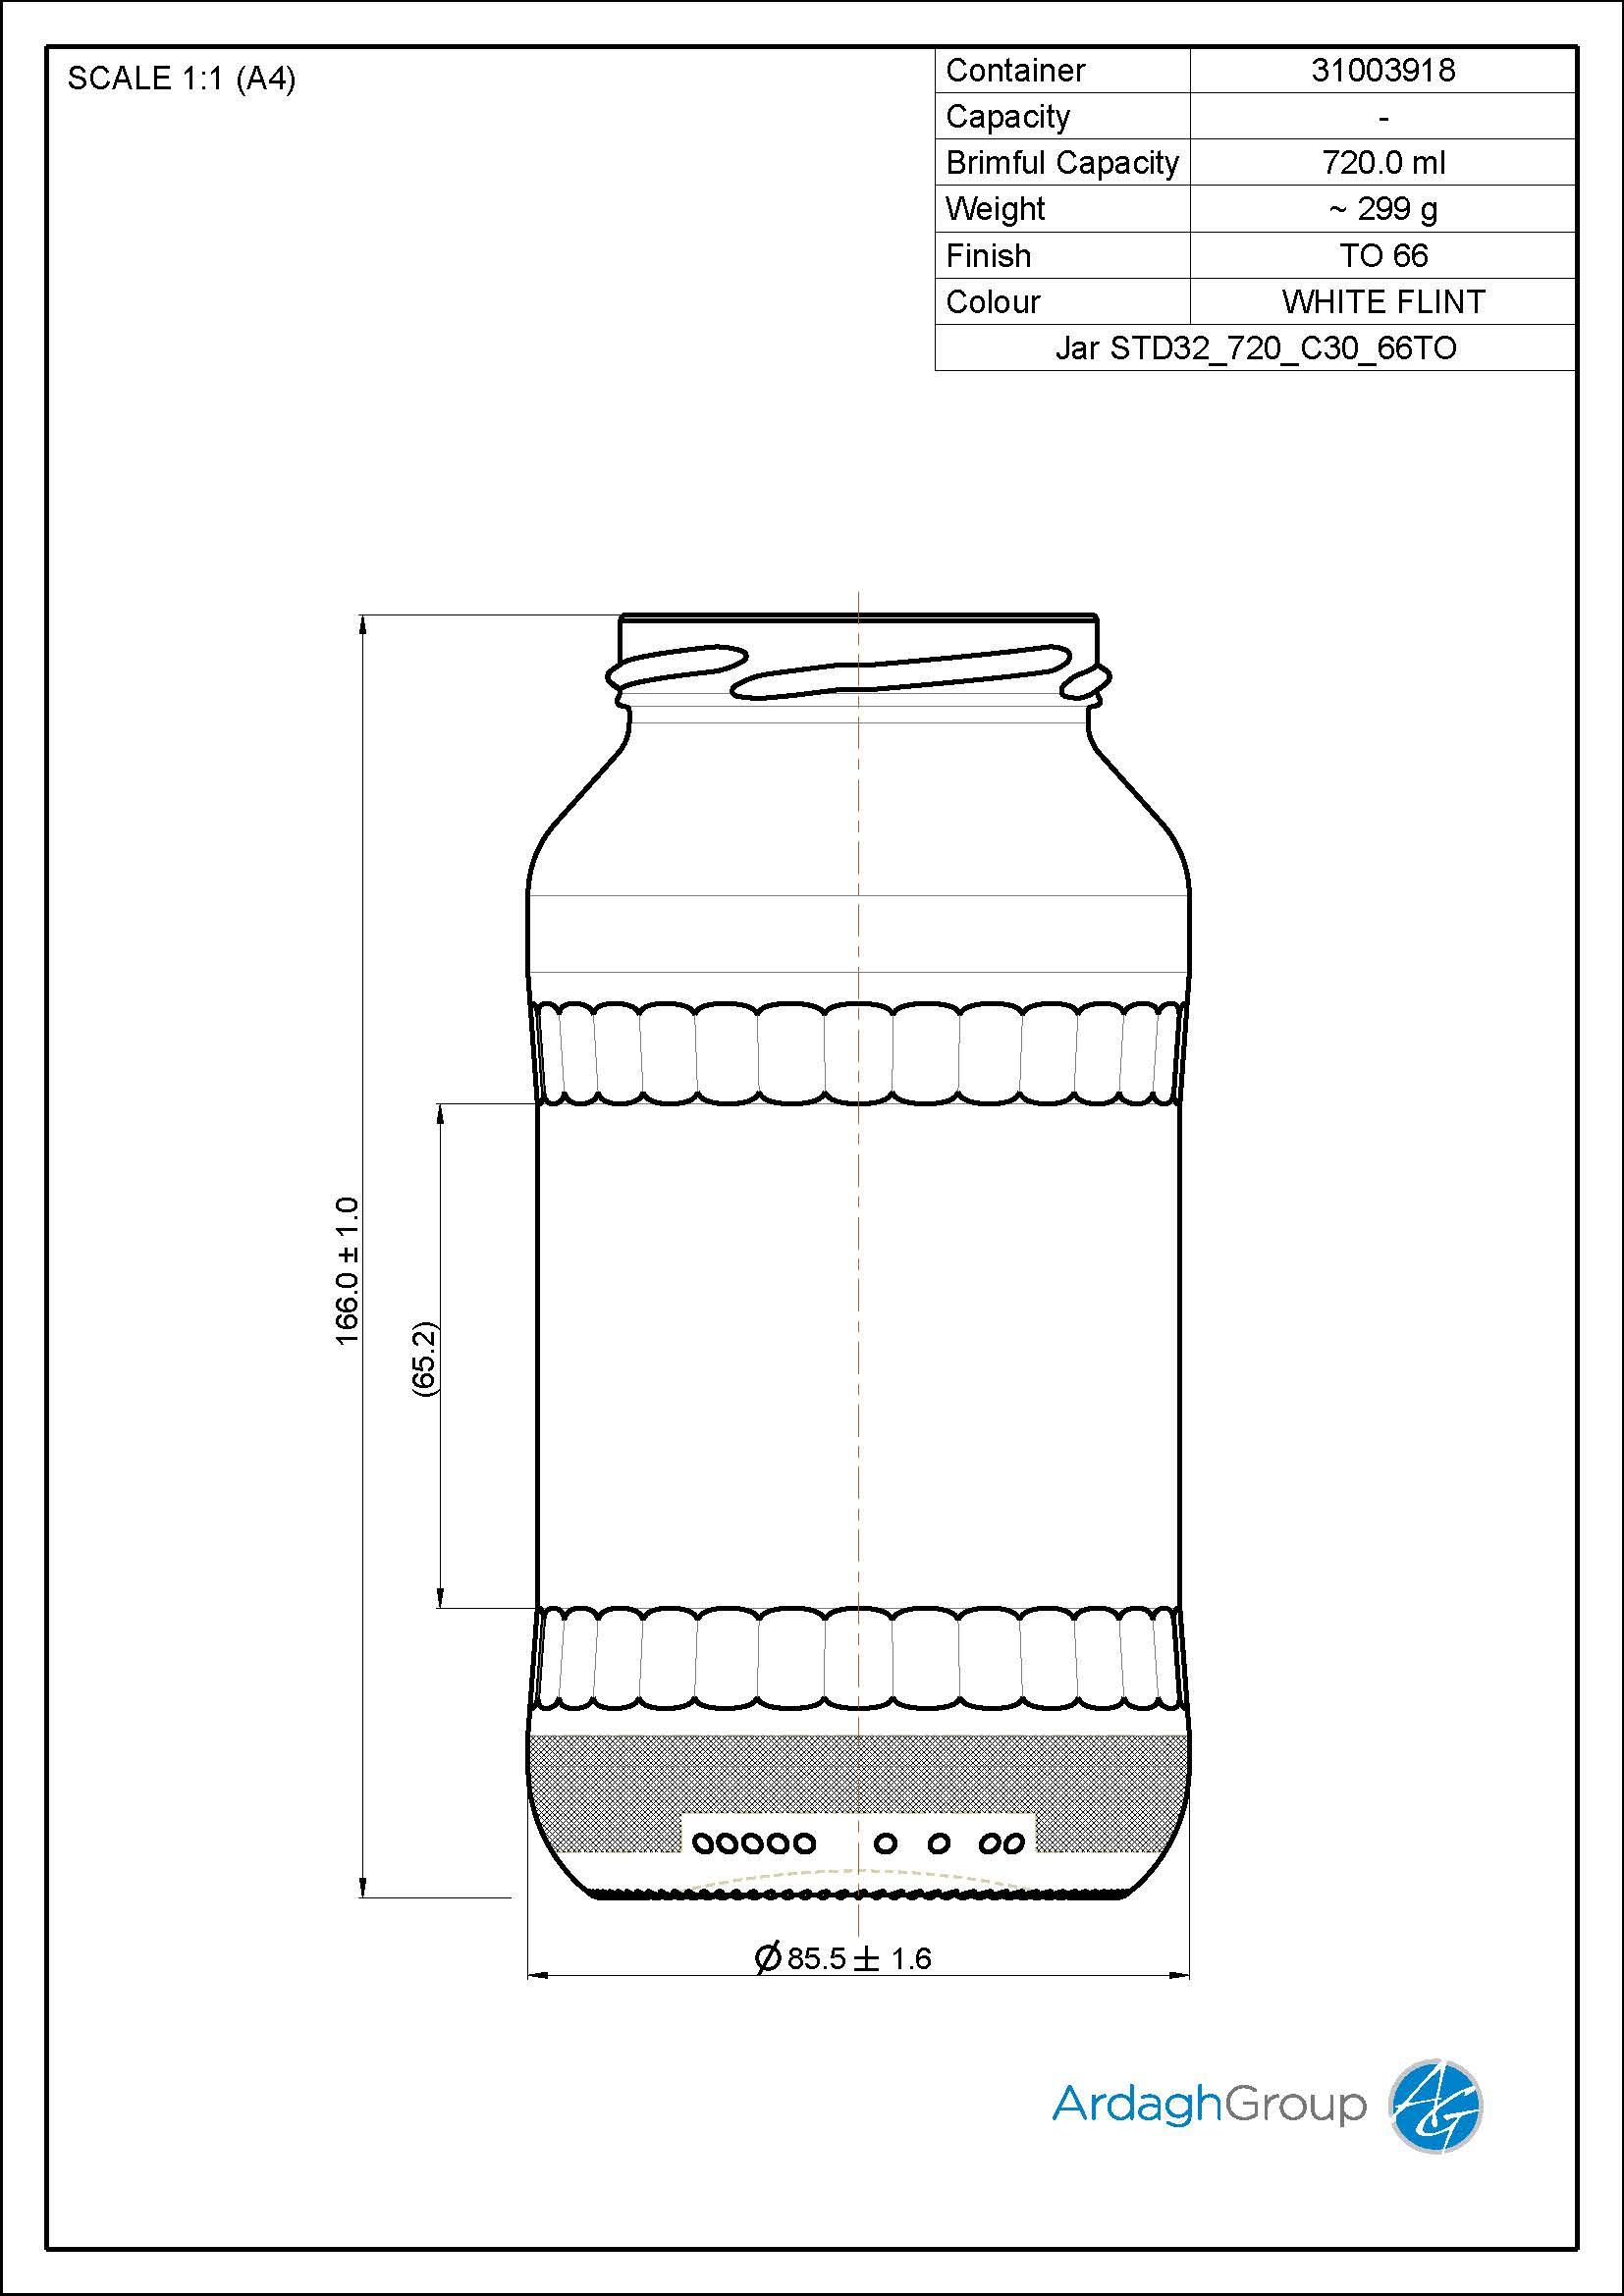 720ml Flint Glass Food Jar 31003918